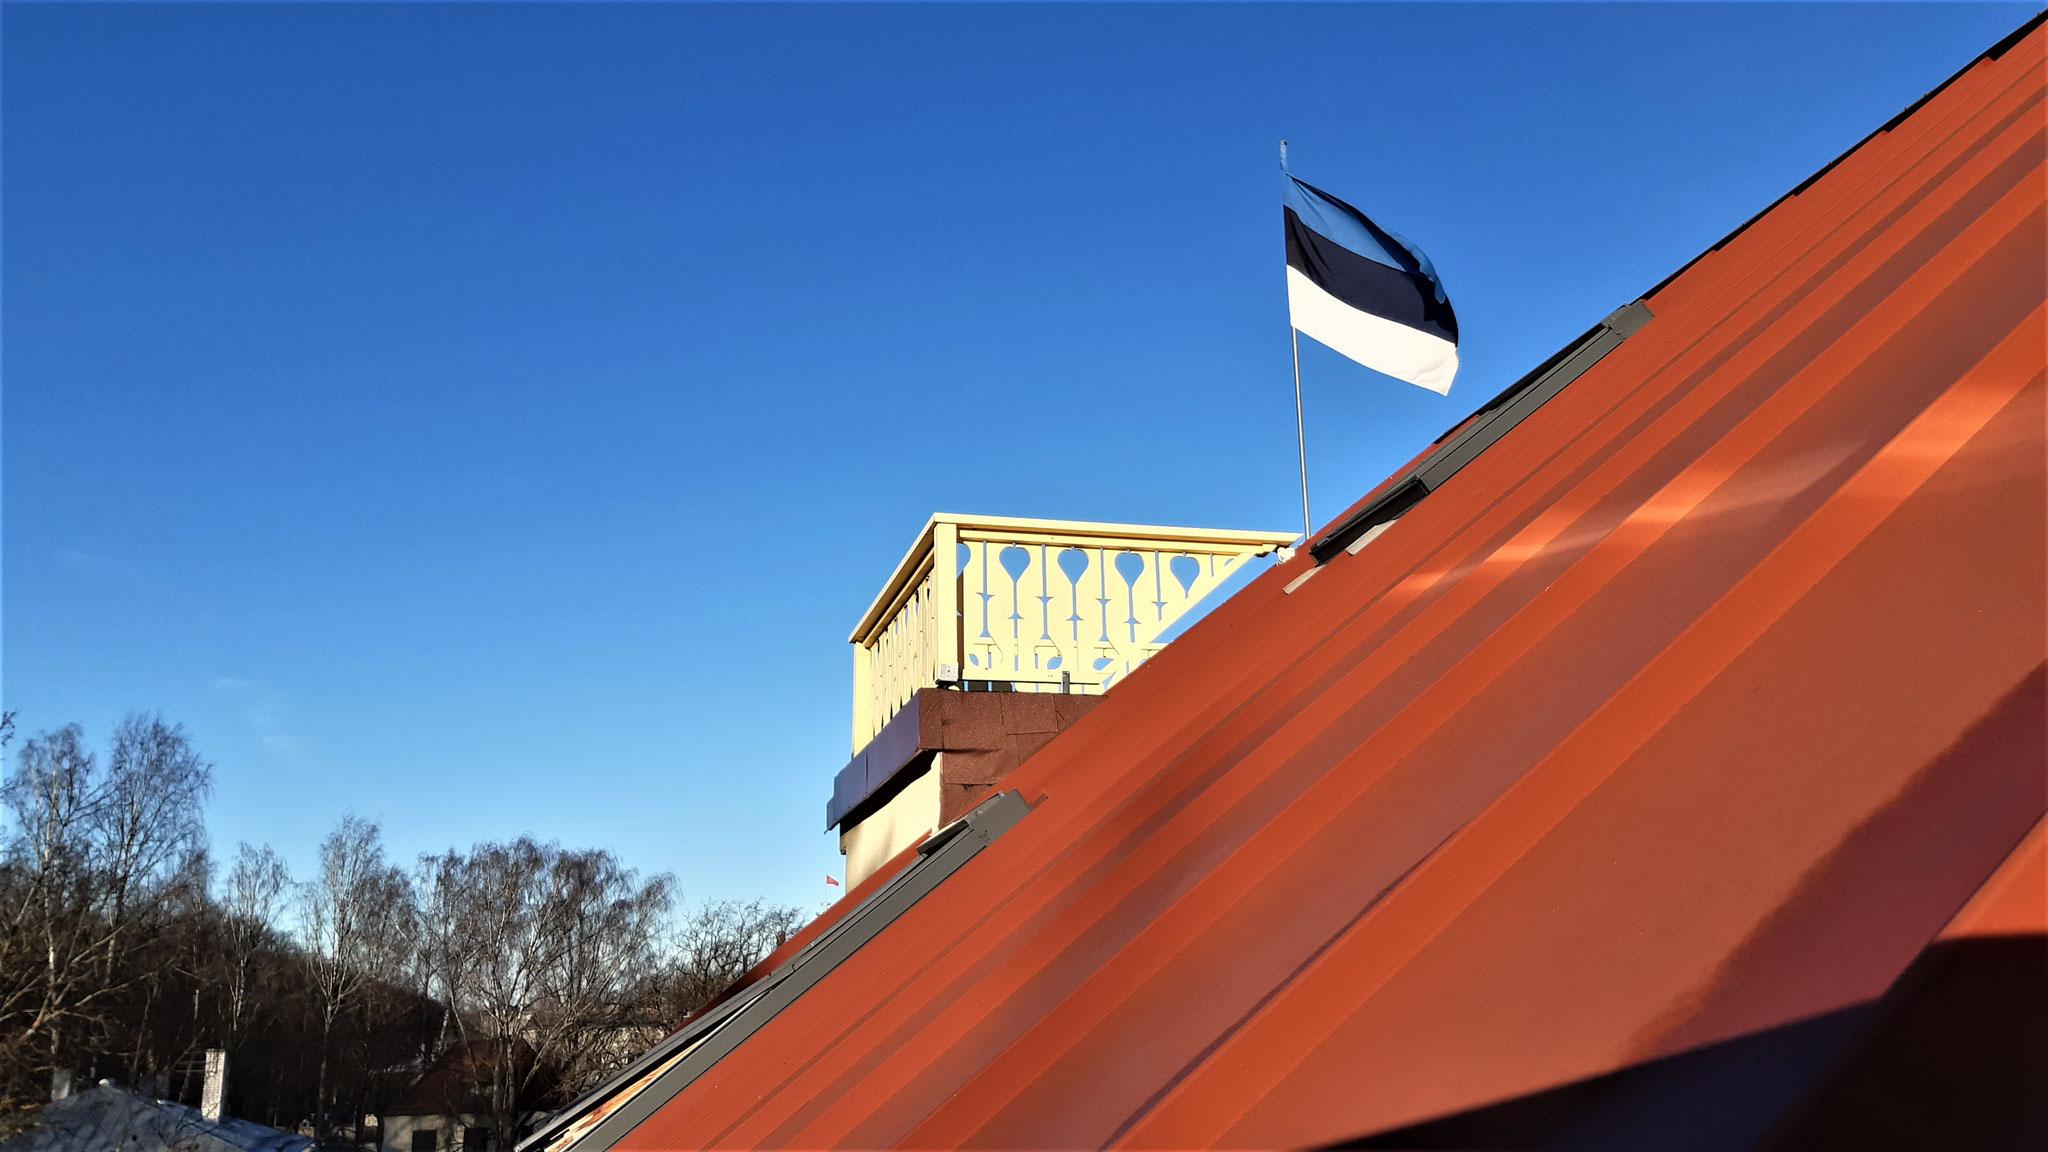 Auf dem Dach des Schulgebäudes weht die Fahne zu jeder Zeit.